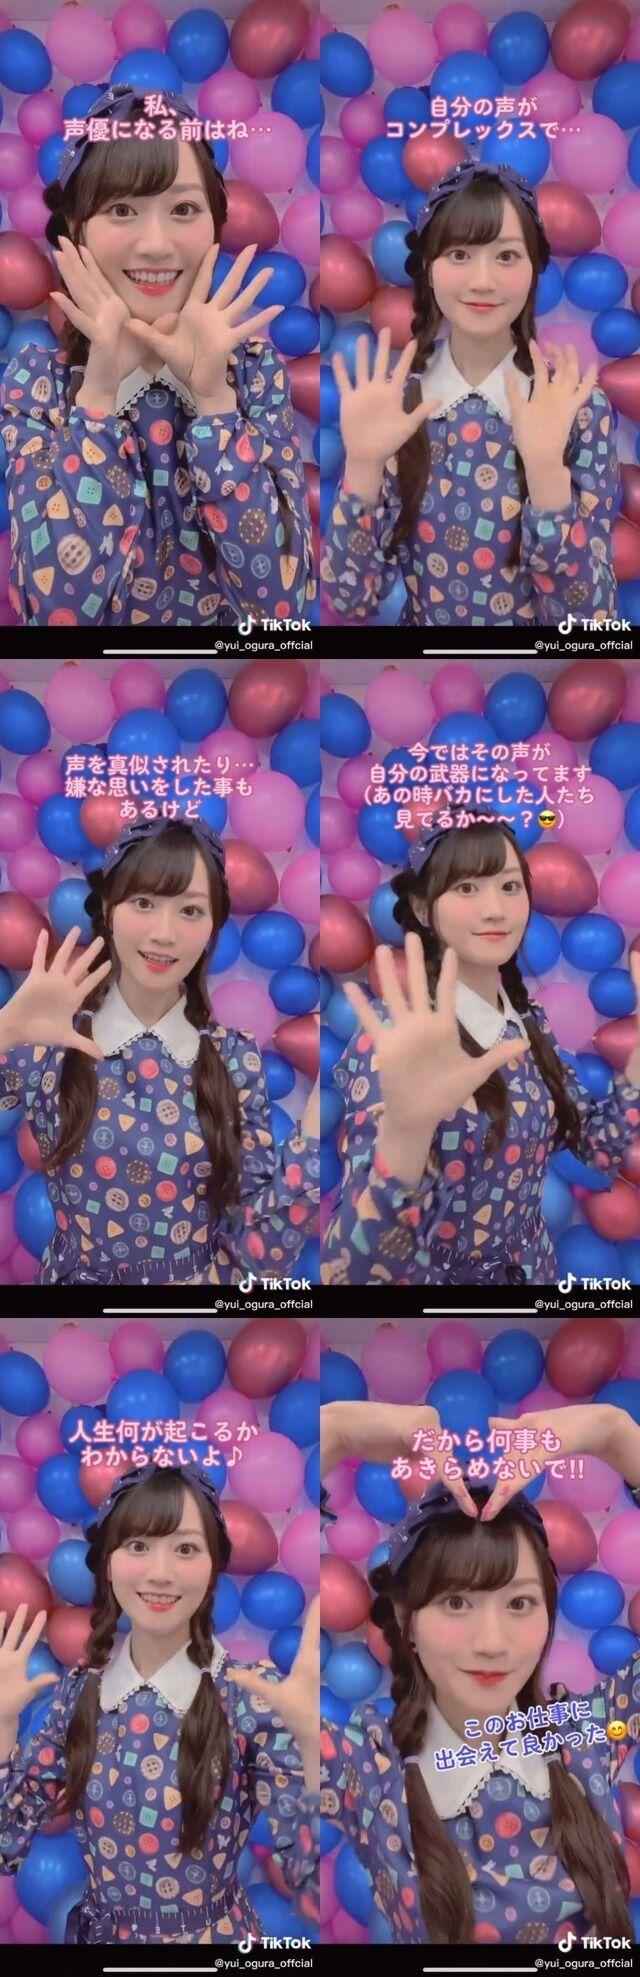 声優 小倉唯 TikTok 声 同級生に関連した画像-02